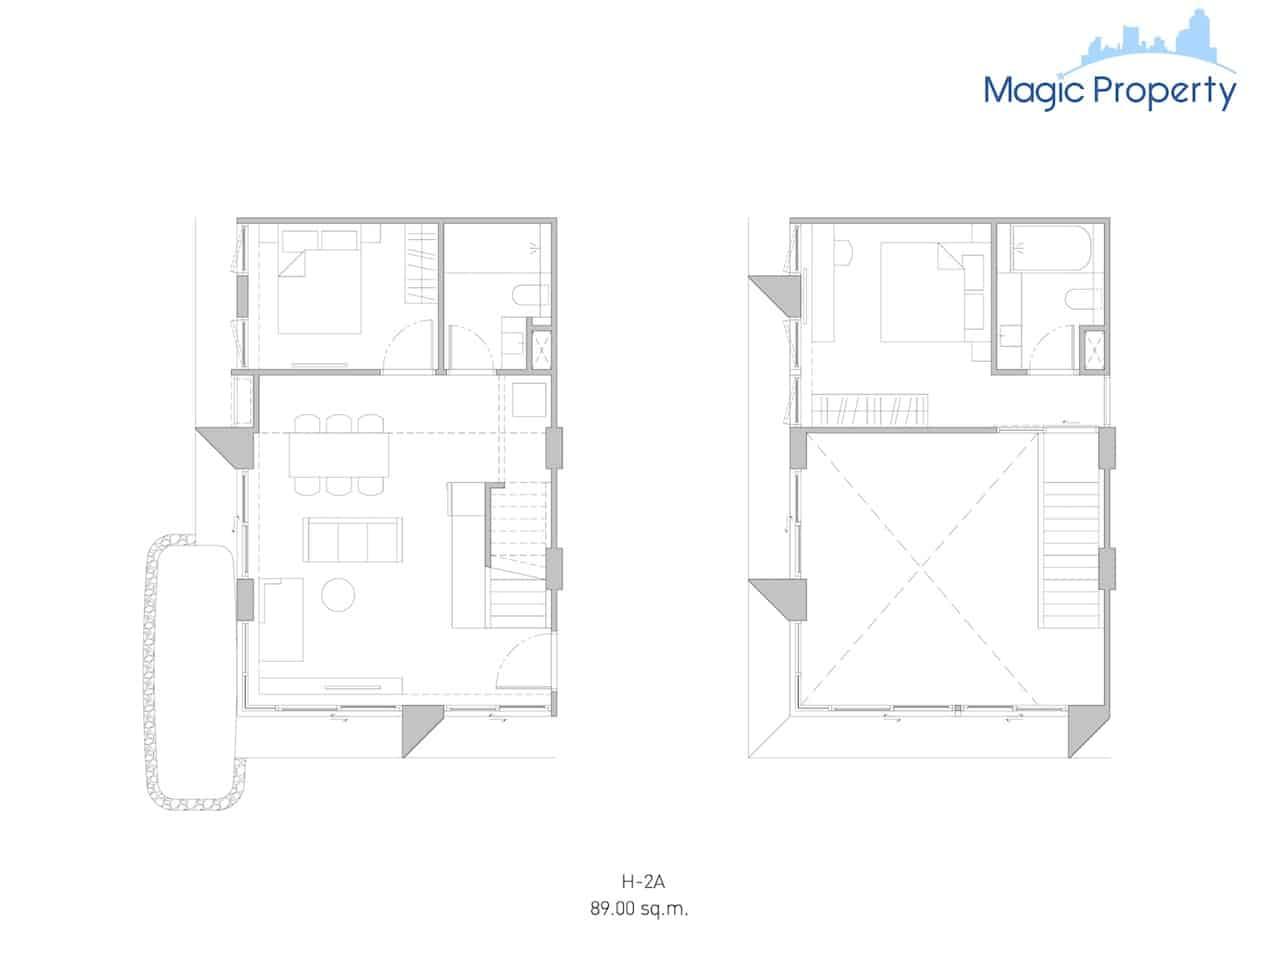 Duplex(H-2A-Size-89-Sqm.)